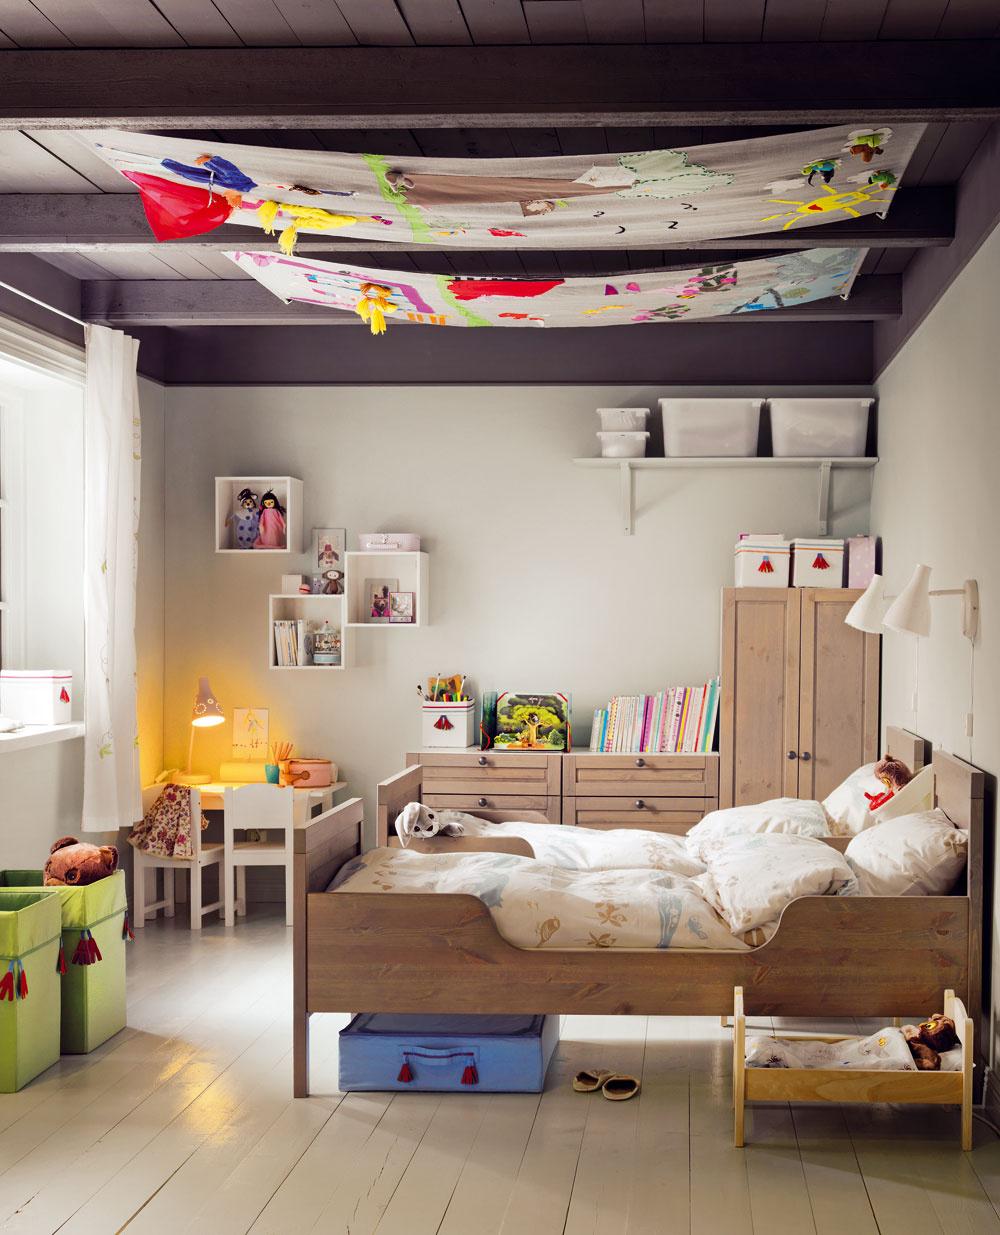 Textilný obraz na strope alebo jednoduchý baldachýn? Je na vás, ako sa na to pozriete. Jedno je isté, ak sa budú mať kam dívať vaše deti, určite vám vydržia dlhšie vpolohe ležmo aj rýchlejšie zaspia.